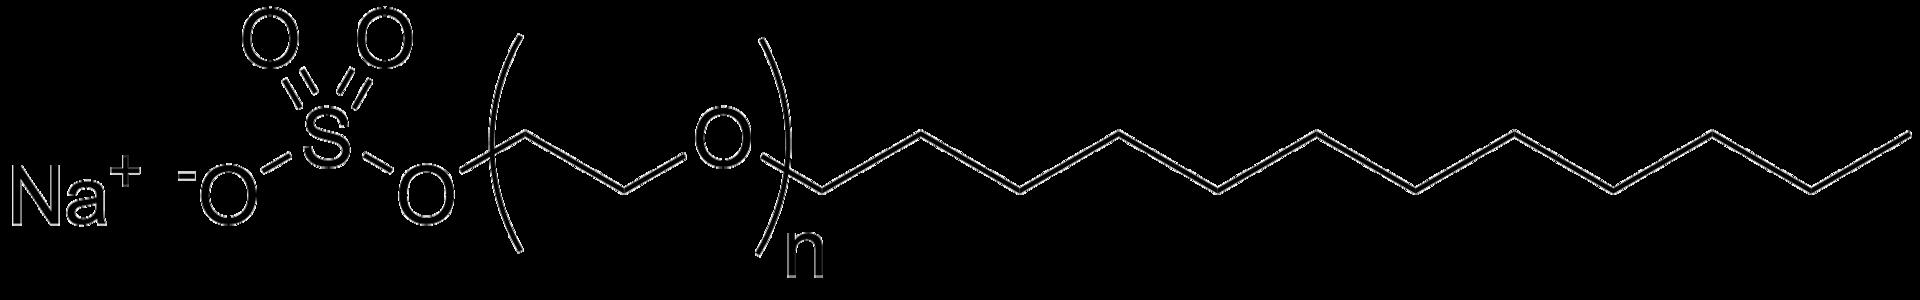 ラウレス硫酸ナトリウムの構造式